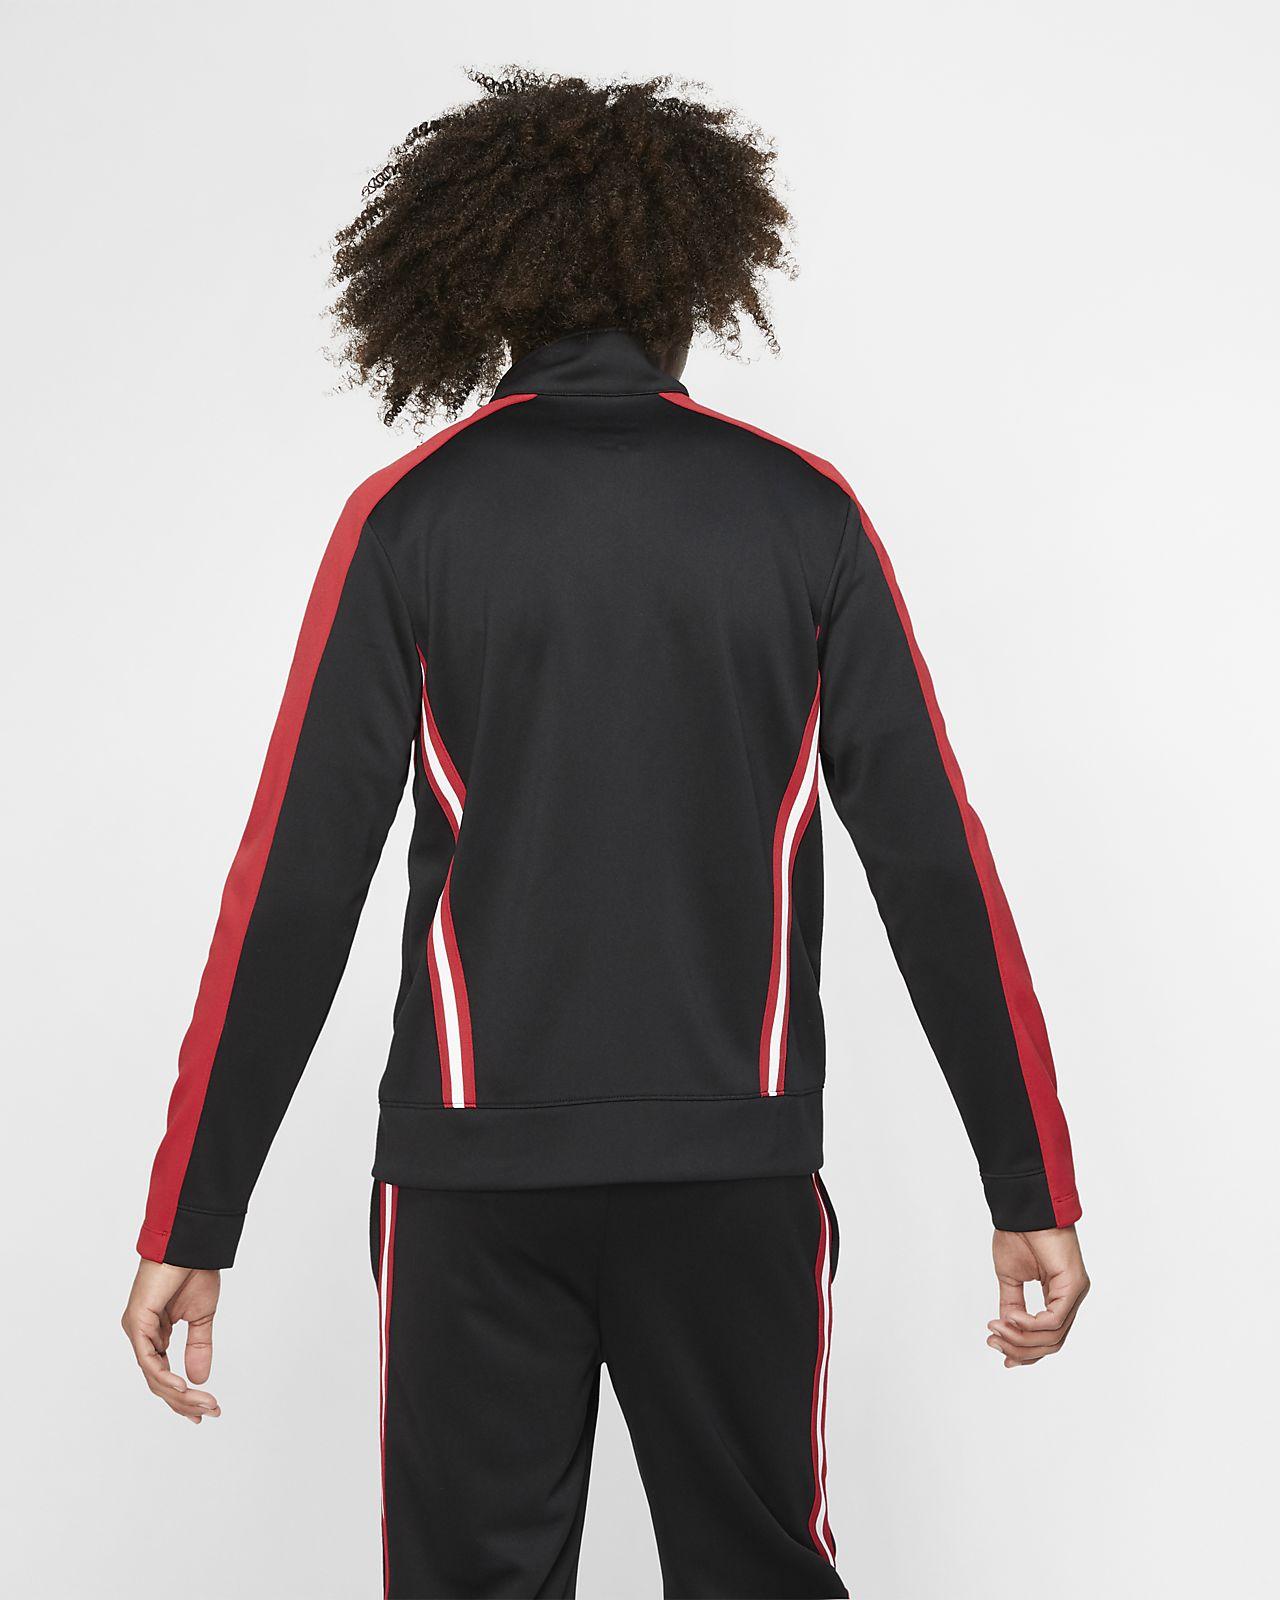 7919e970e8f Jordan Jumpman Flight Suit Men's Basketball Jacket. Nike.com EG